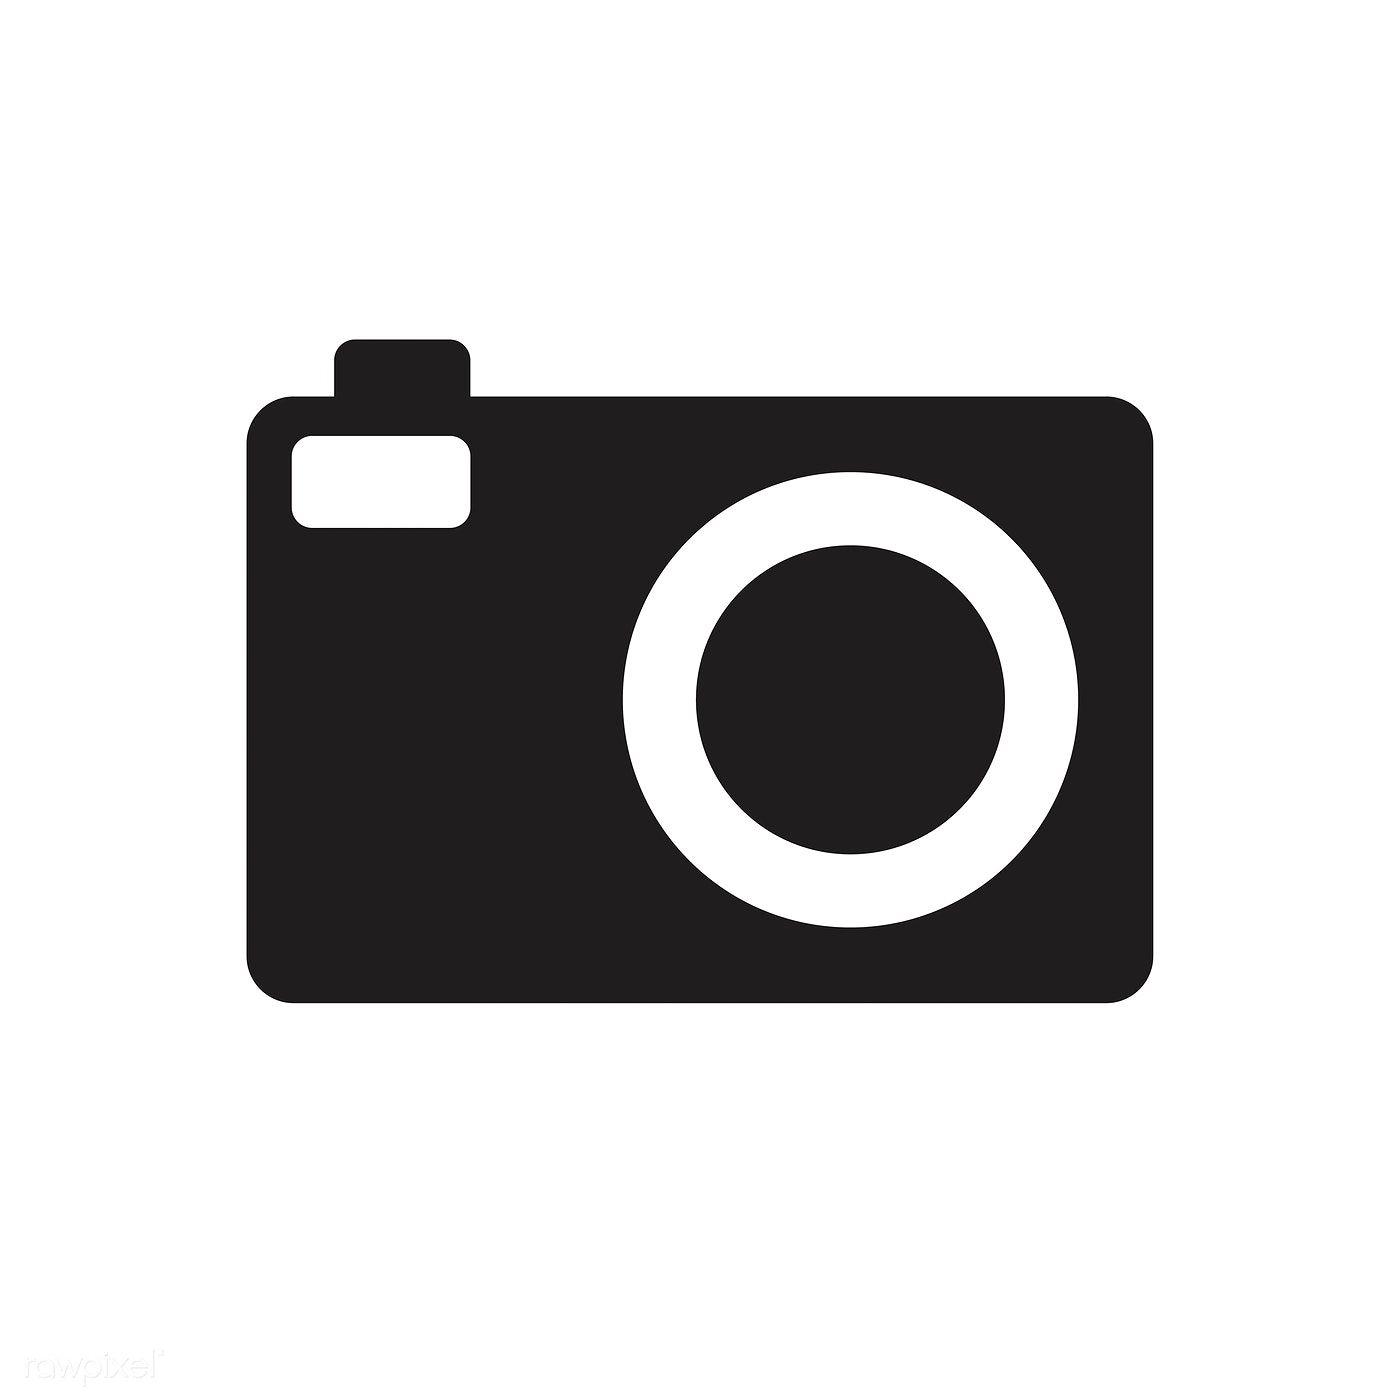 Vintage Cinema Camera Free Vector Icons Designed By Freepik Vector Icons Free Free Icons Cinema Camera